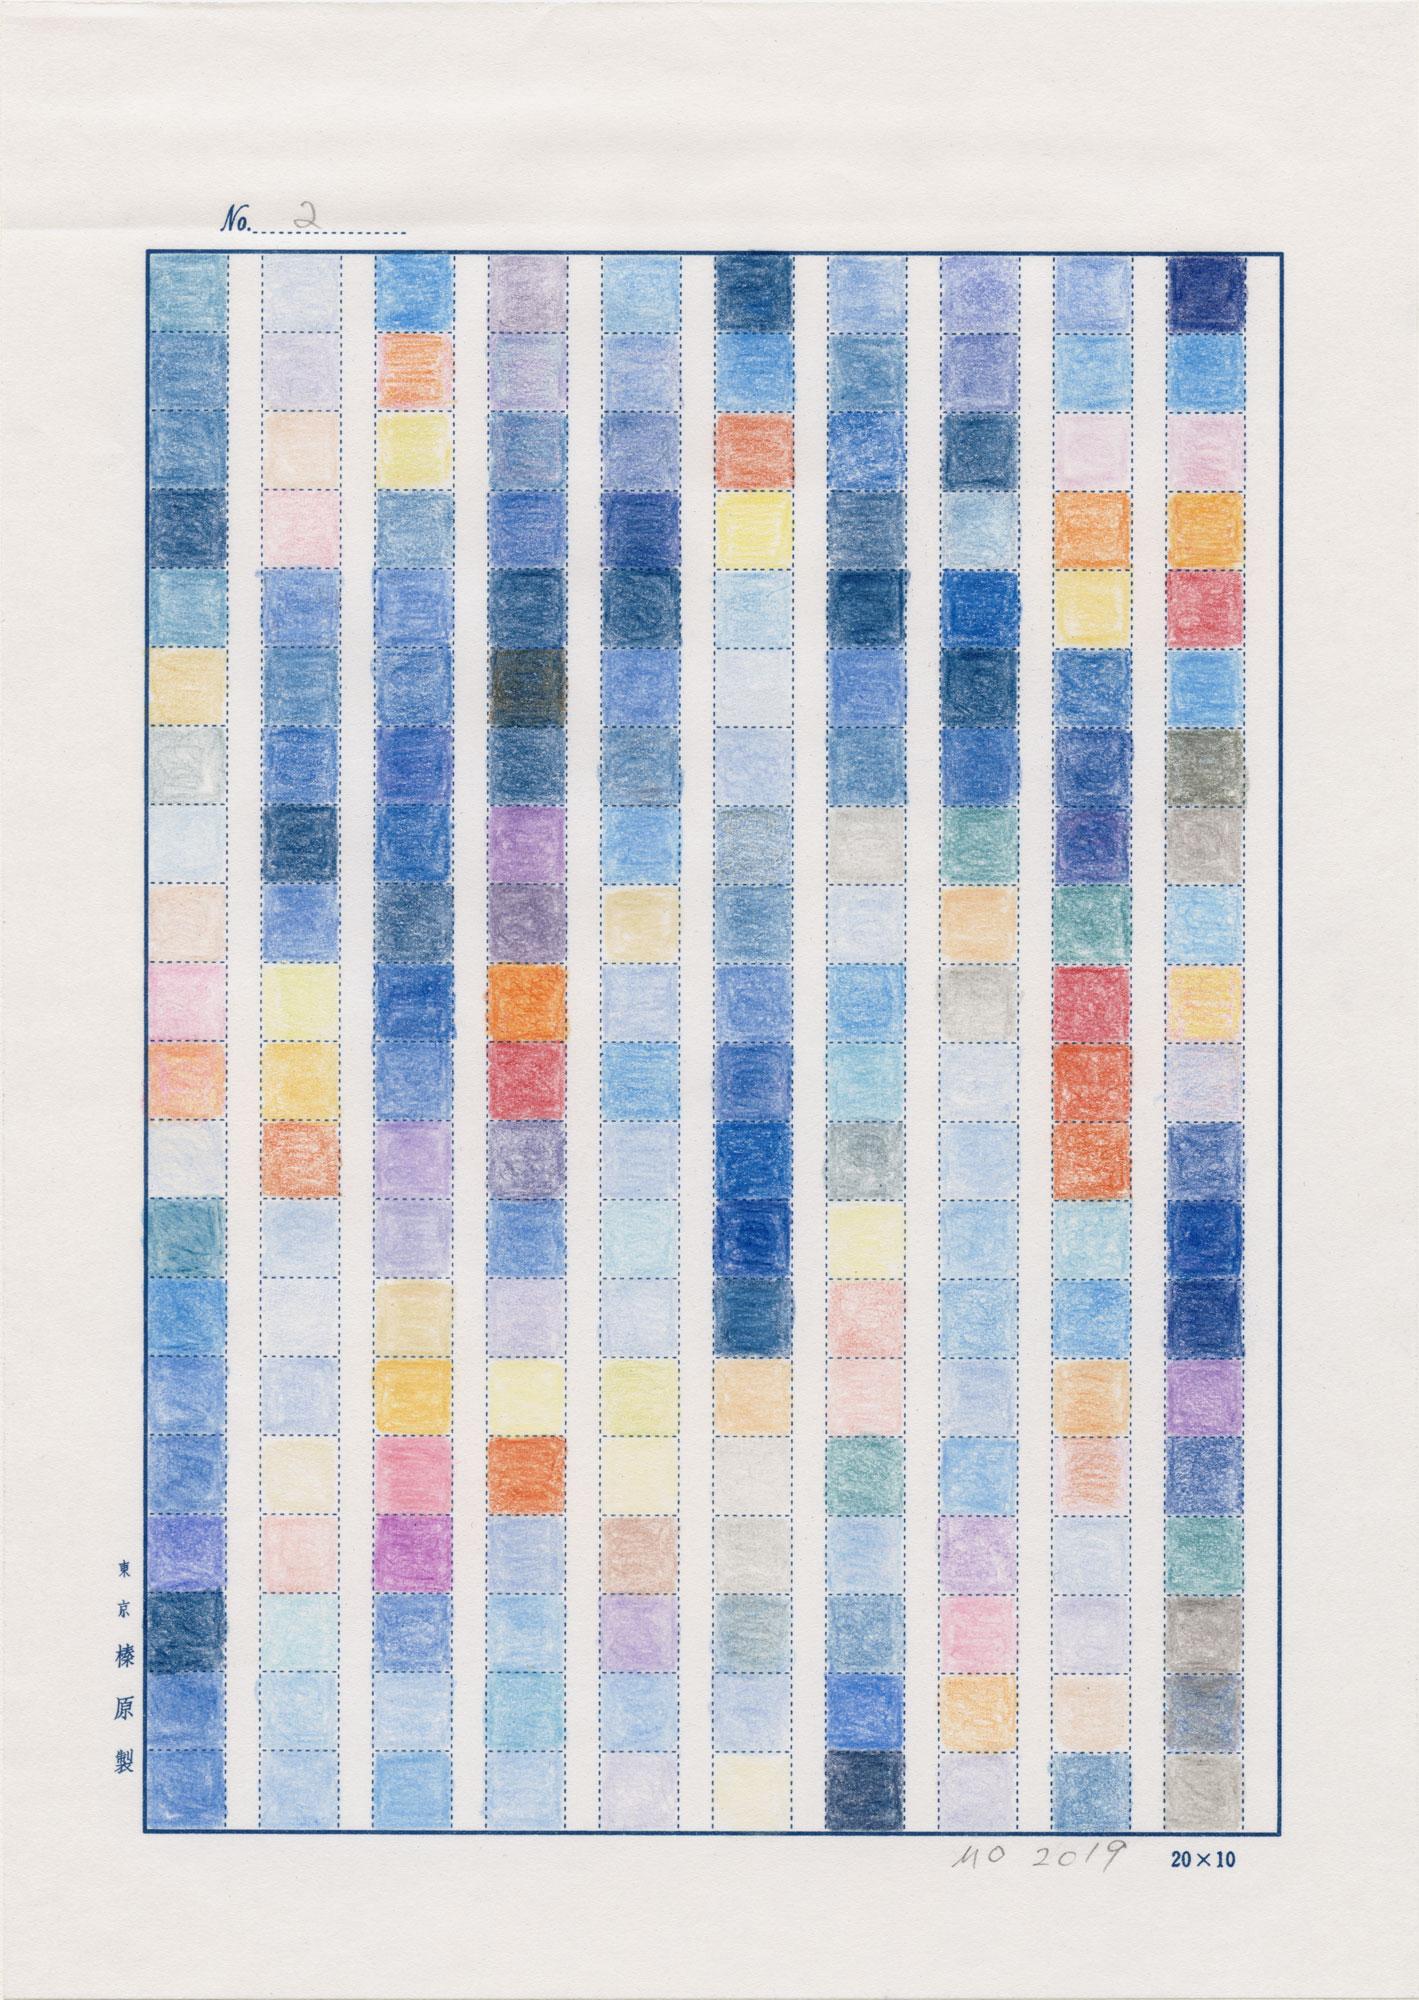 """上を向いて歩こう   (No.2, 1983-2019, an ongoing project), color pencil on manuscript paper and international mail, 9-49/64"""" x 6-15/16"""" (24.8 cm x 17.6 cm), sent to Taito-ku, Tokyo, JAPAN from New York NY, USA"""